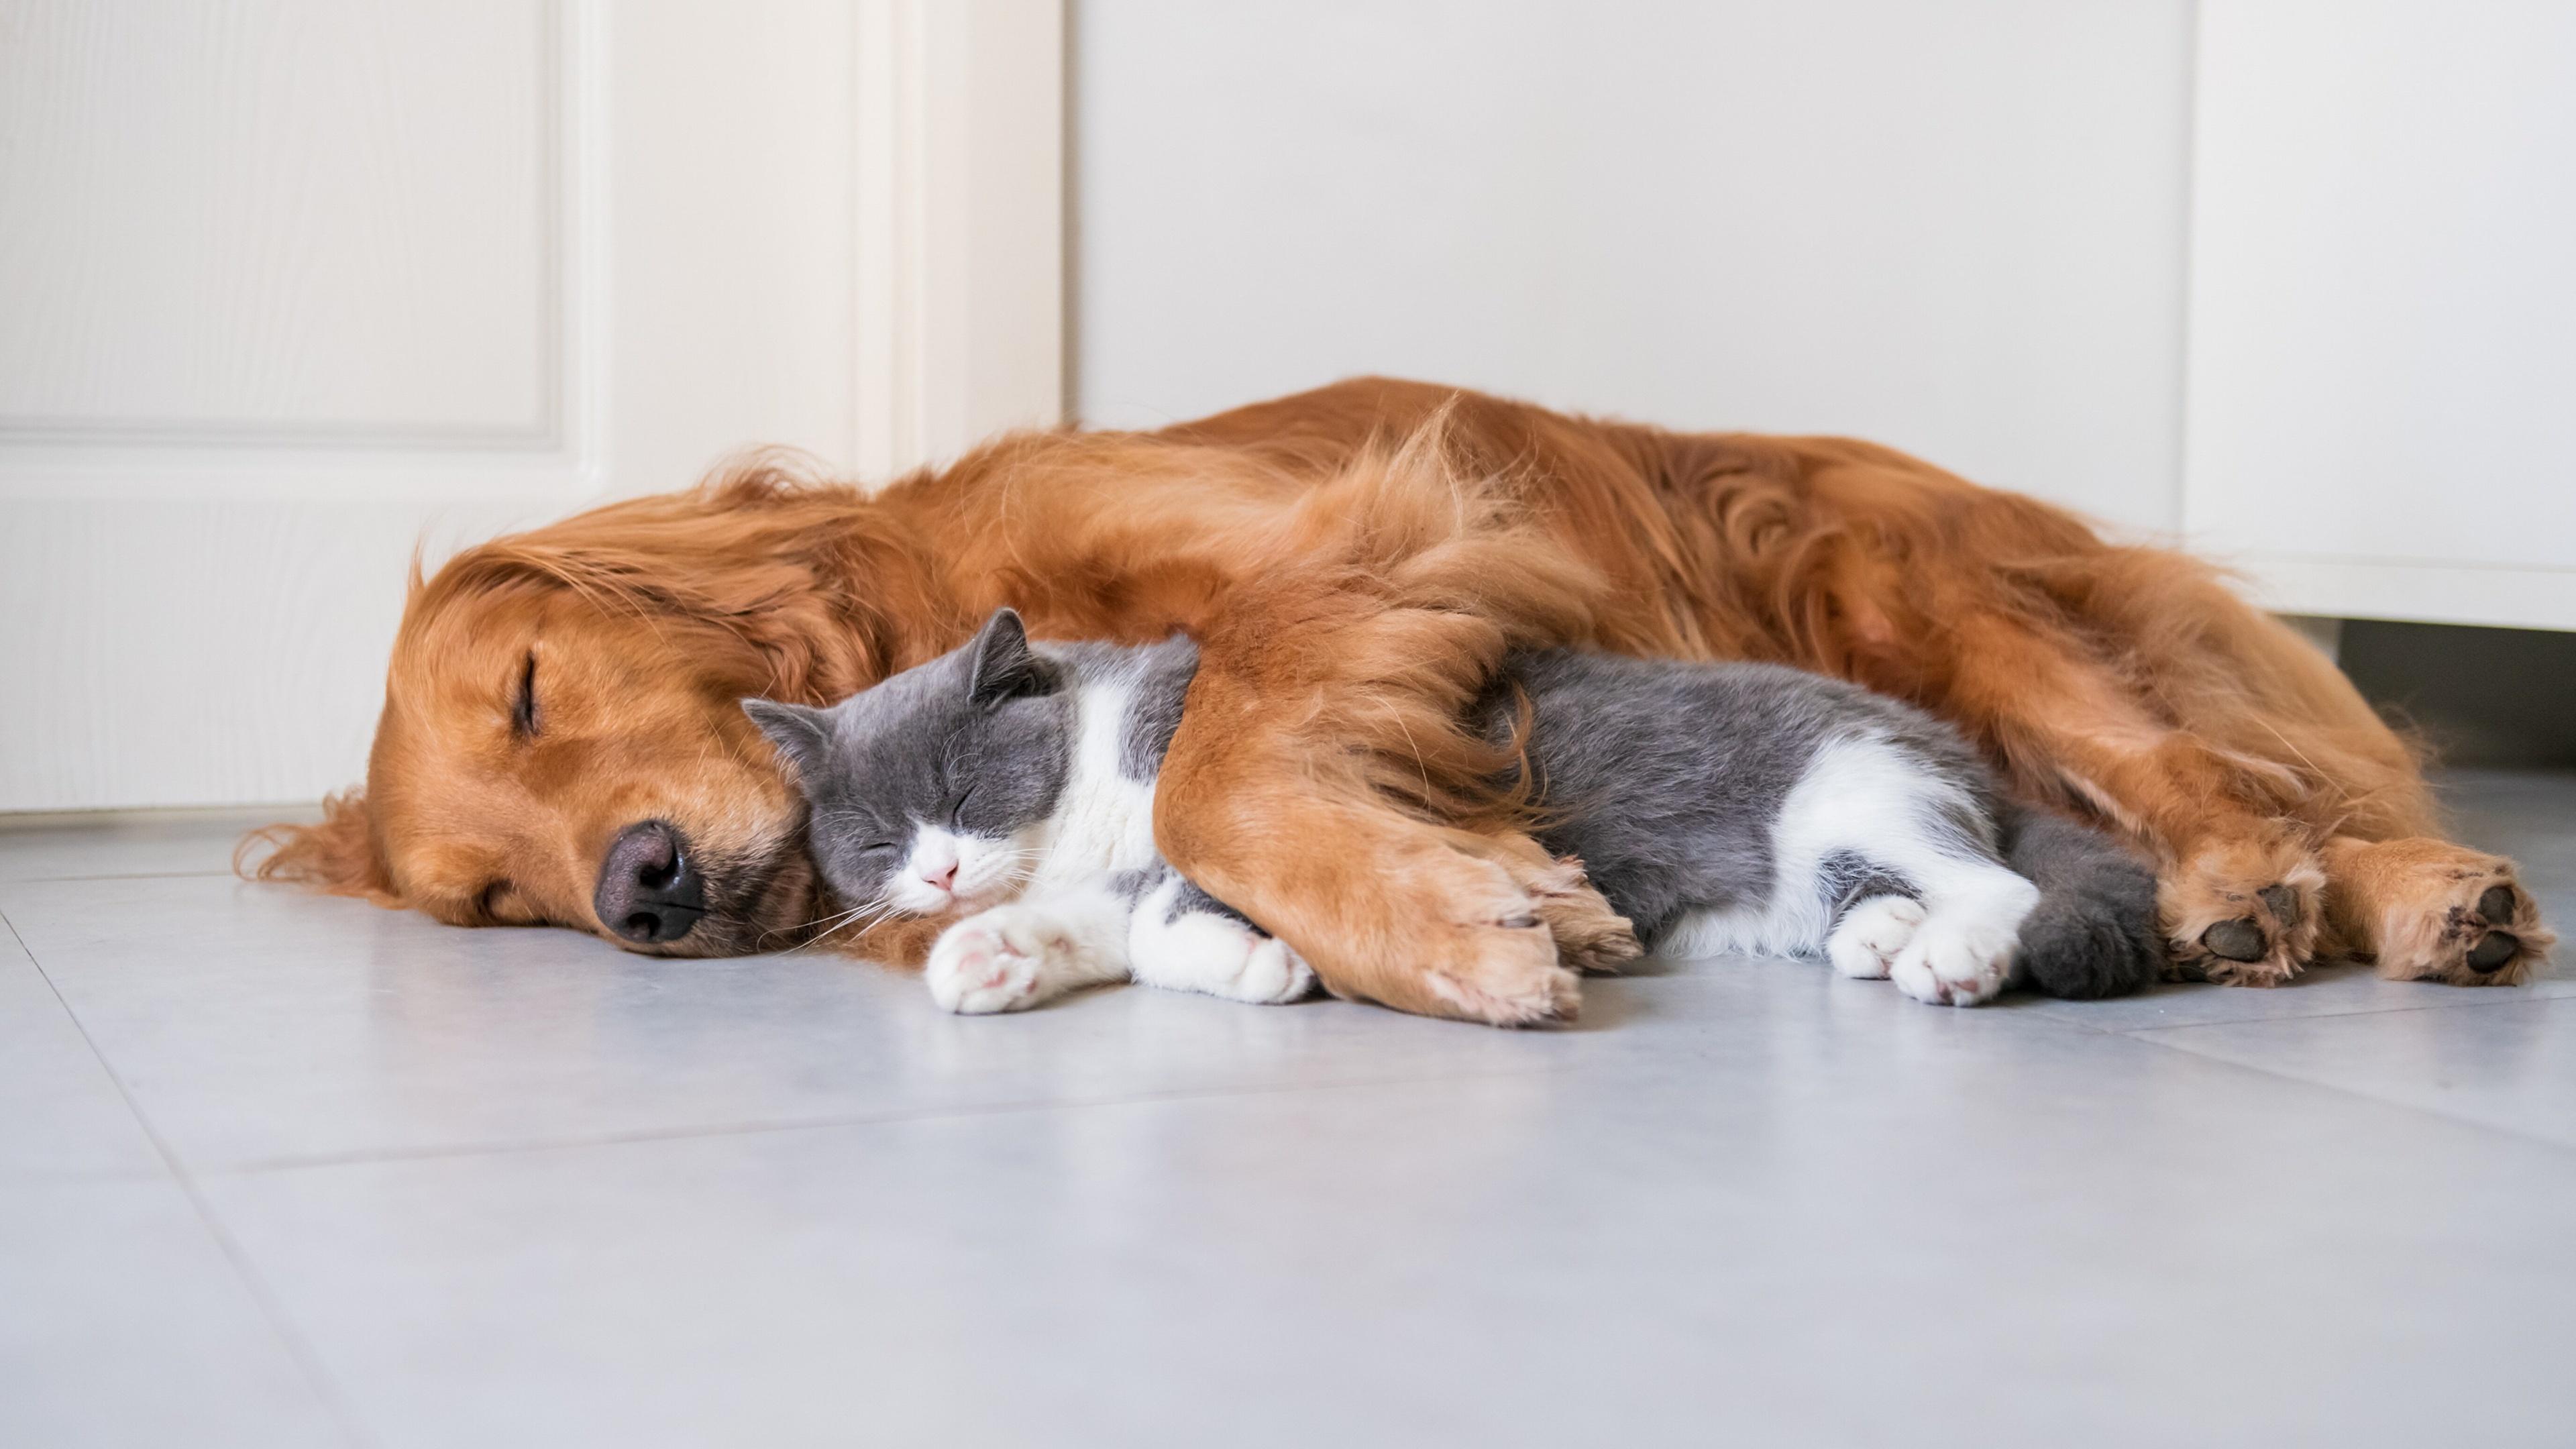 Обои для рабочего стола кот собака Лежит Двое спят животное 3840x2160 коты кошка Кошки Собаки лежа лежат лежачие 2 два две сон Спит вдвоем спящий Животные